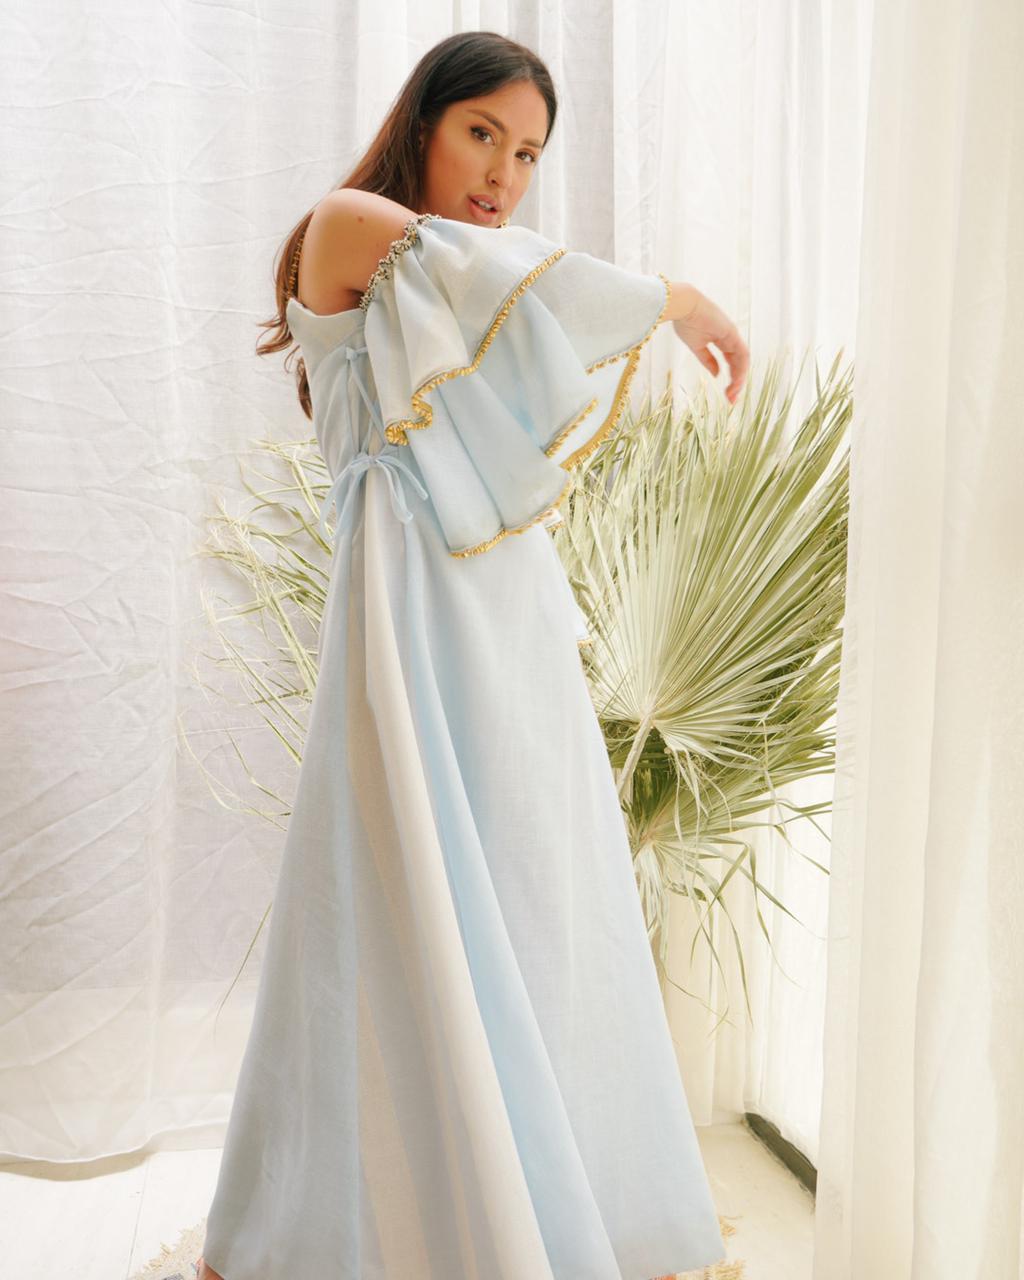 فستان من مجموعة رمضان والعيد للمصممة هبه فراش